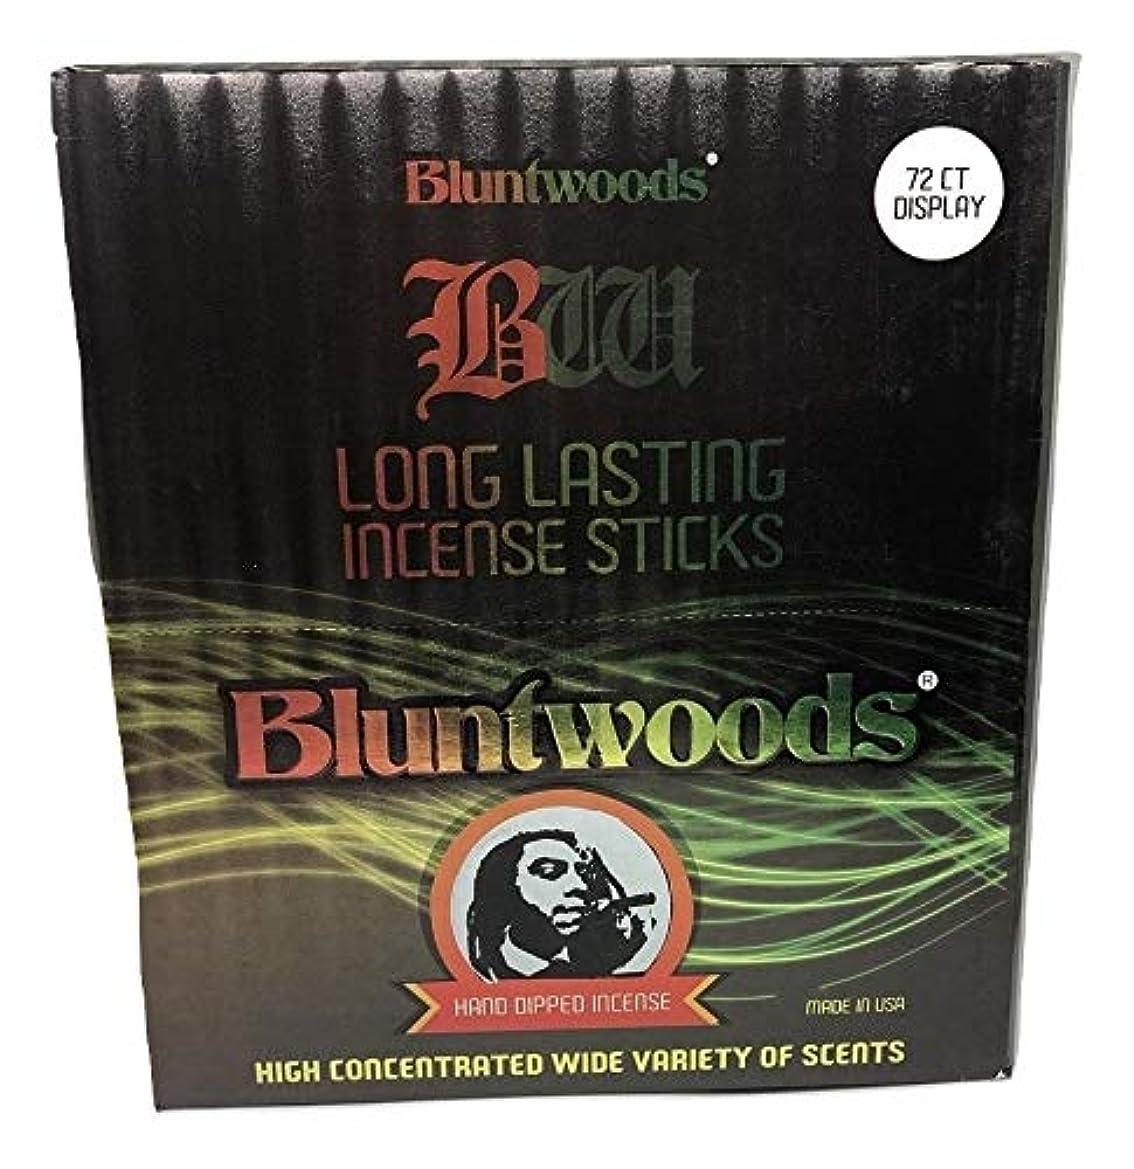 登山家回転する休日BLUNTWOODS Blunt Woods 手染め お香ディスプレイ (72カウントアスト) 合計864 お香スティック